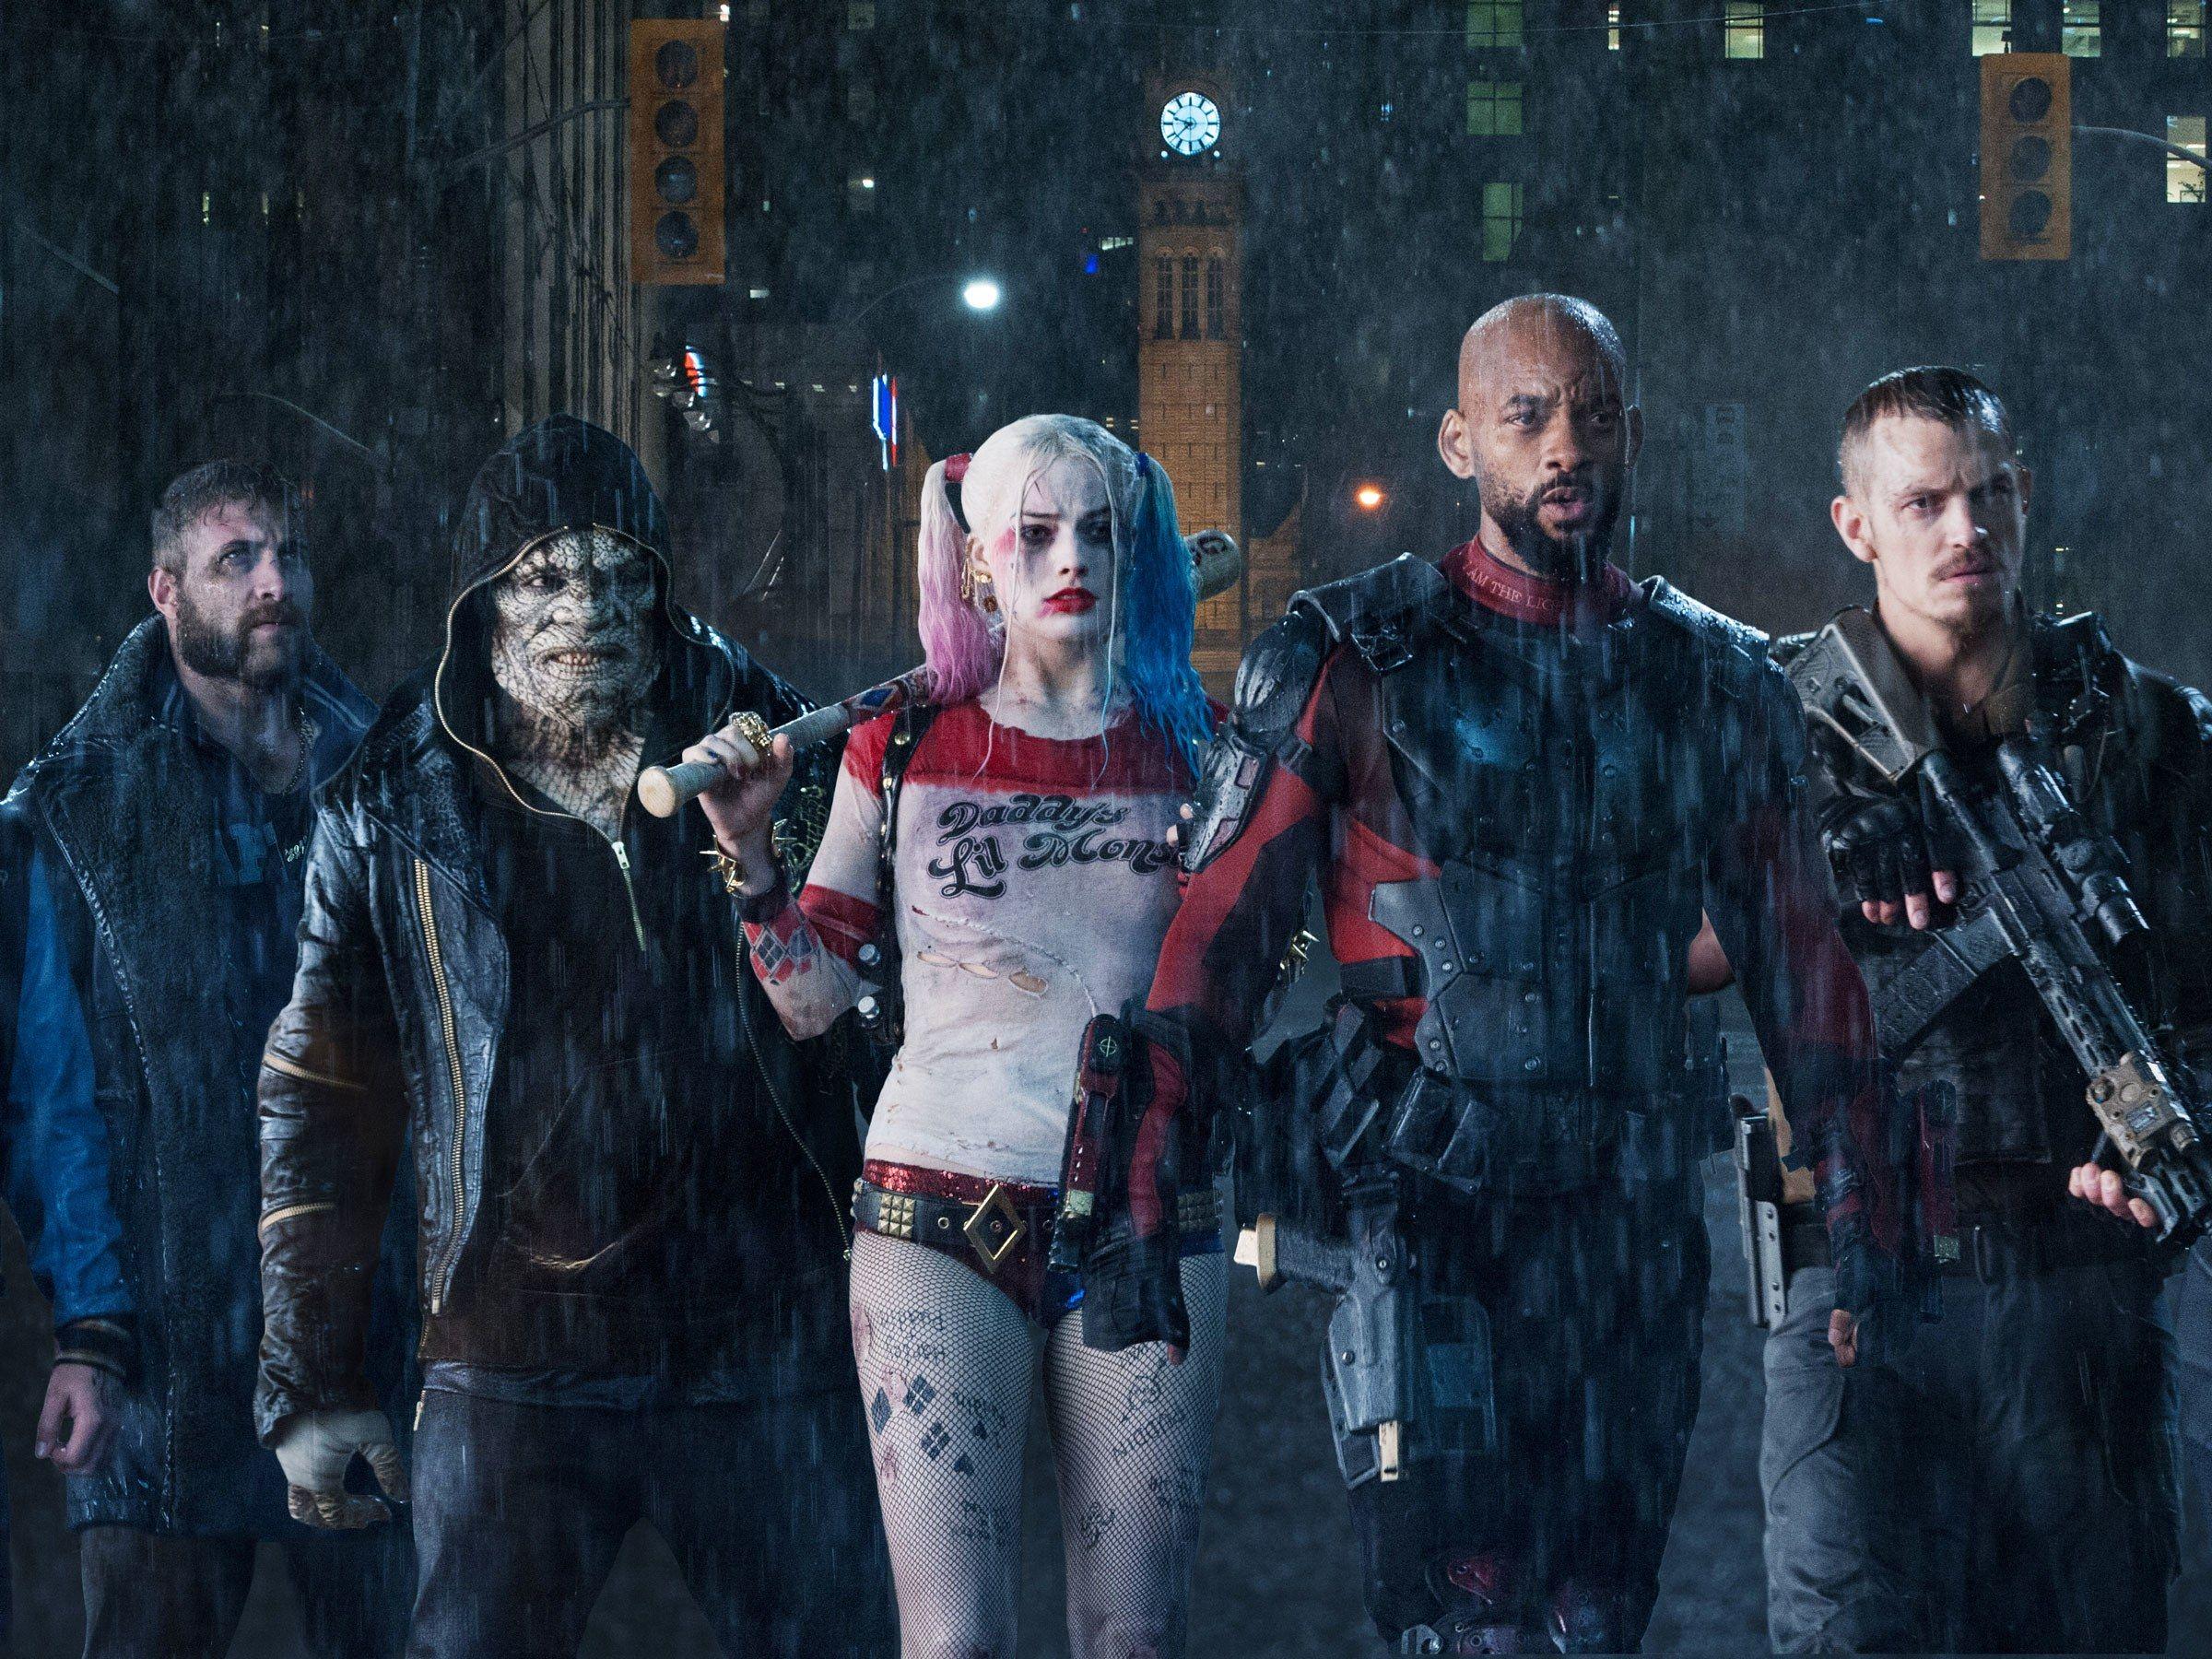 El nuevo 'Escuadrón suicida' llega a los cines el 6 de agosto